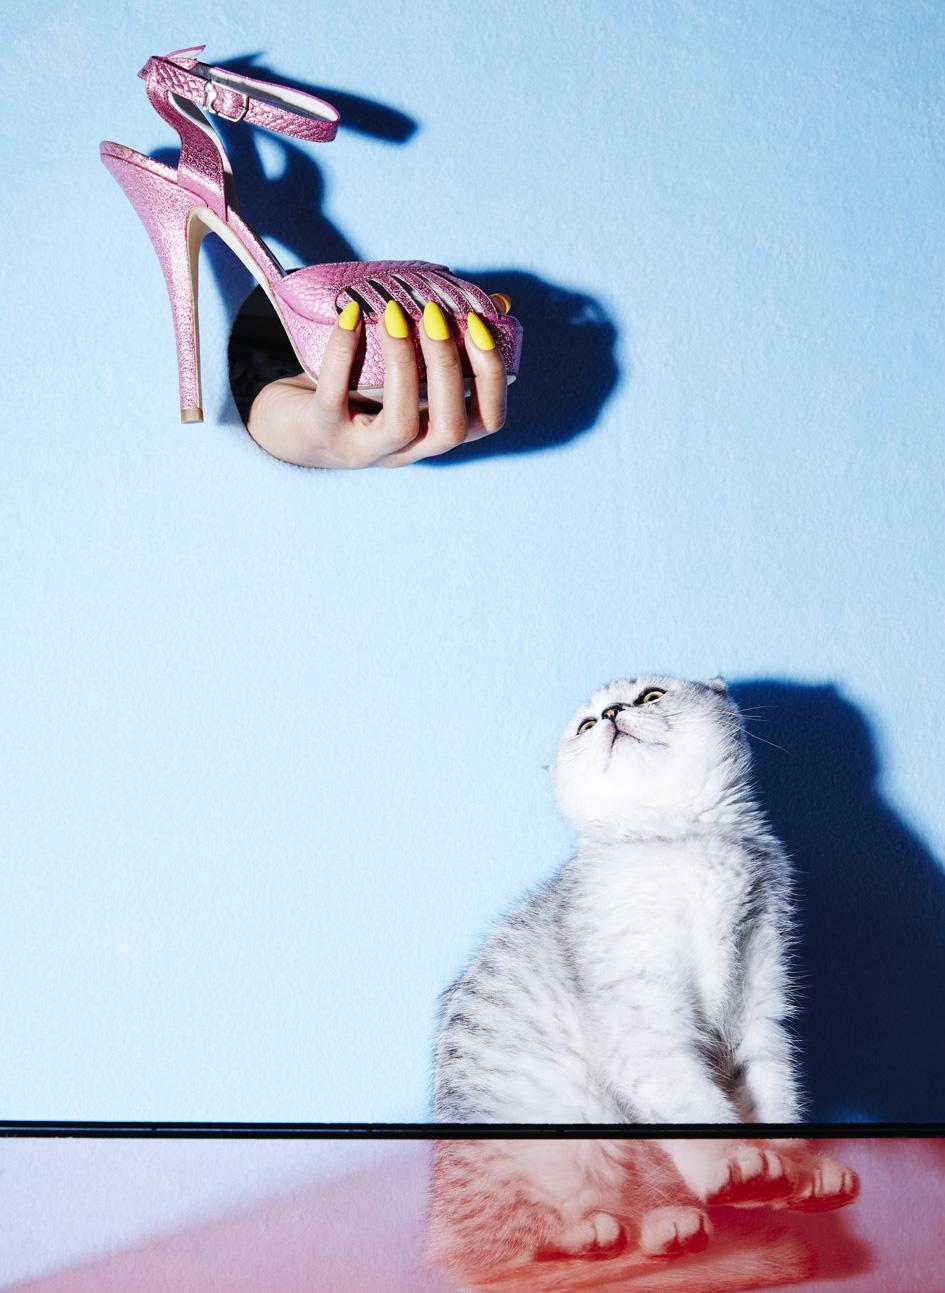 julia_kennedy_puss_puss_03.jpg